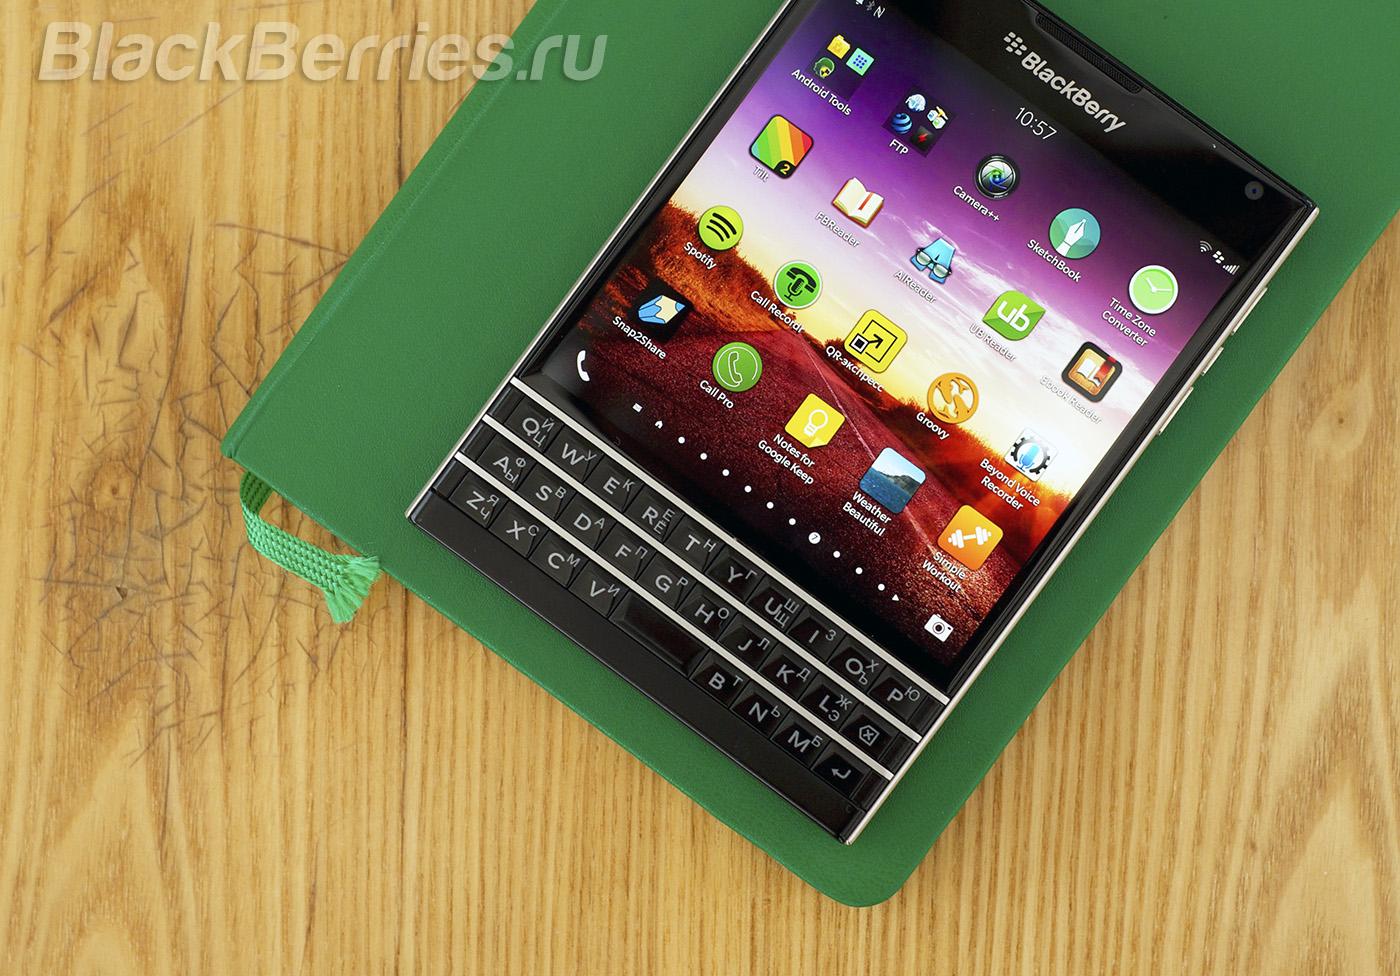 BlackBerry-Passport-Apps-2-11